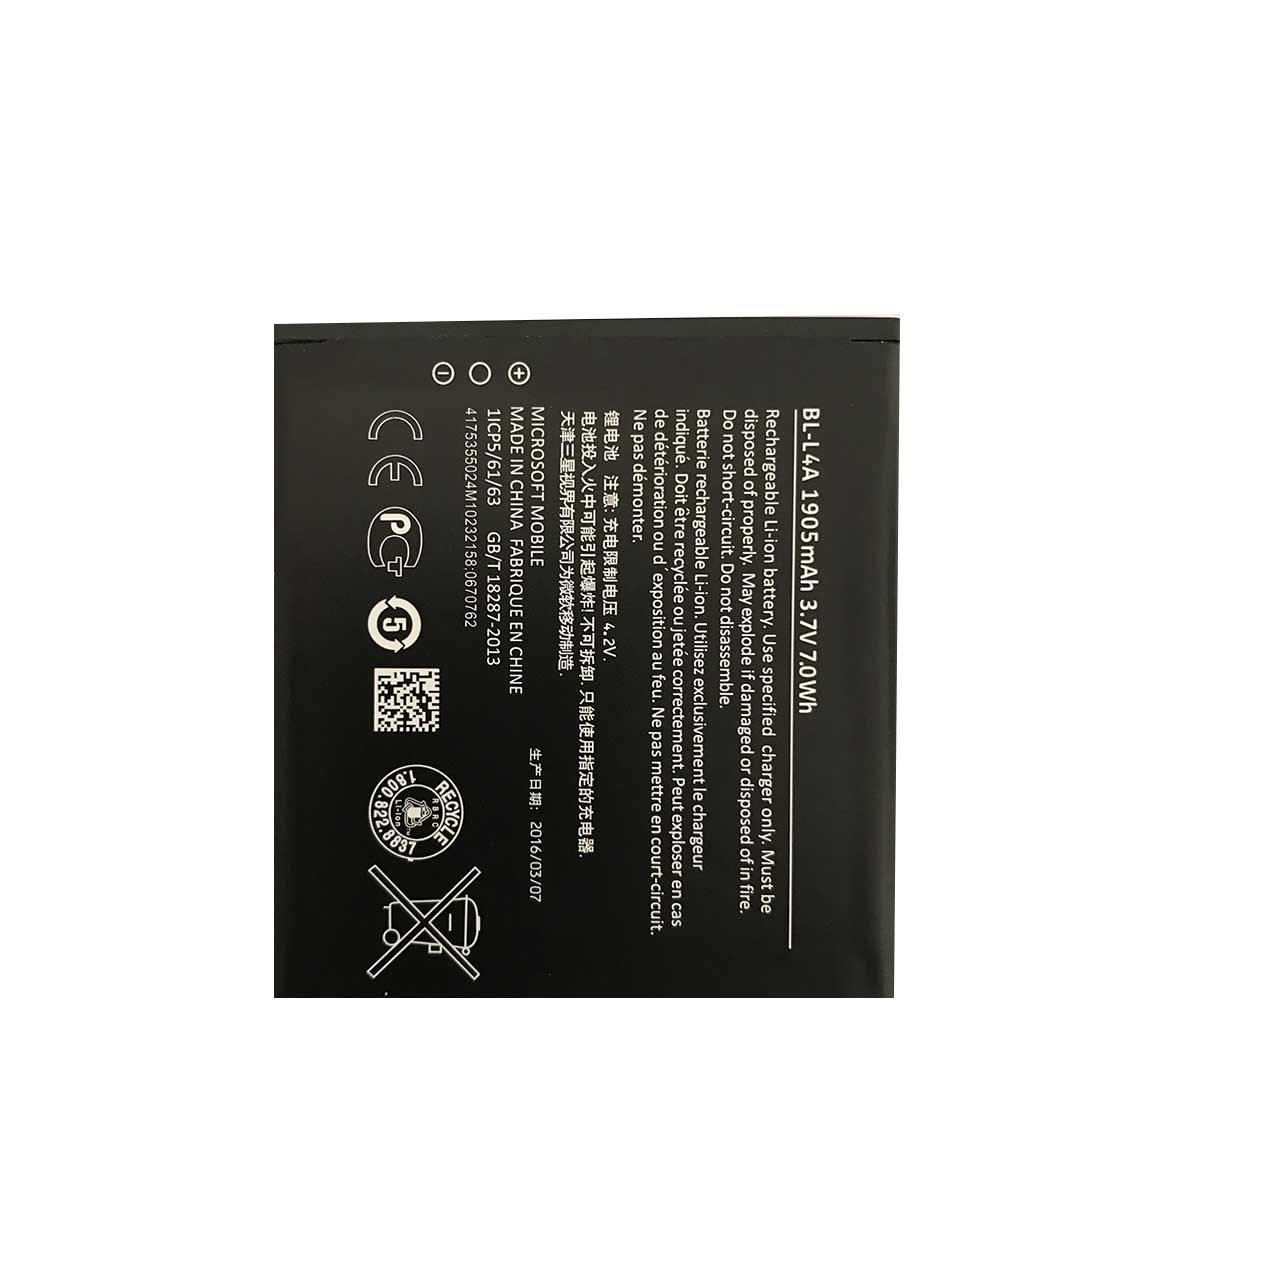 باتری  مدل BL-L4A مناسب برای مایکروسافت لومیا 540